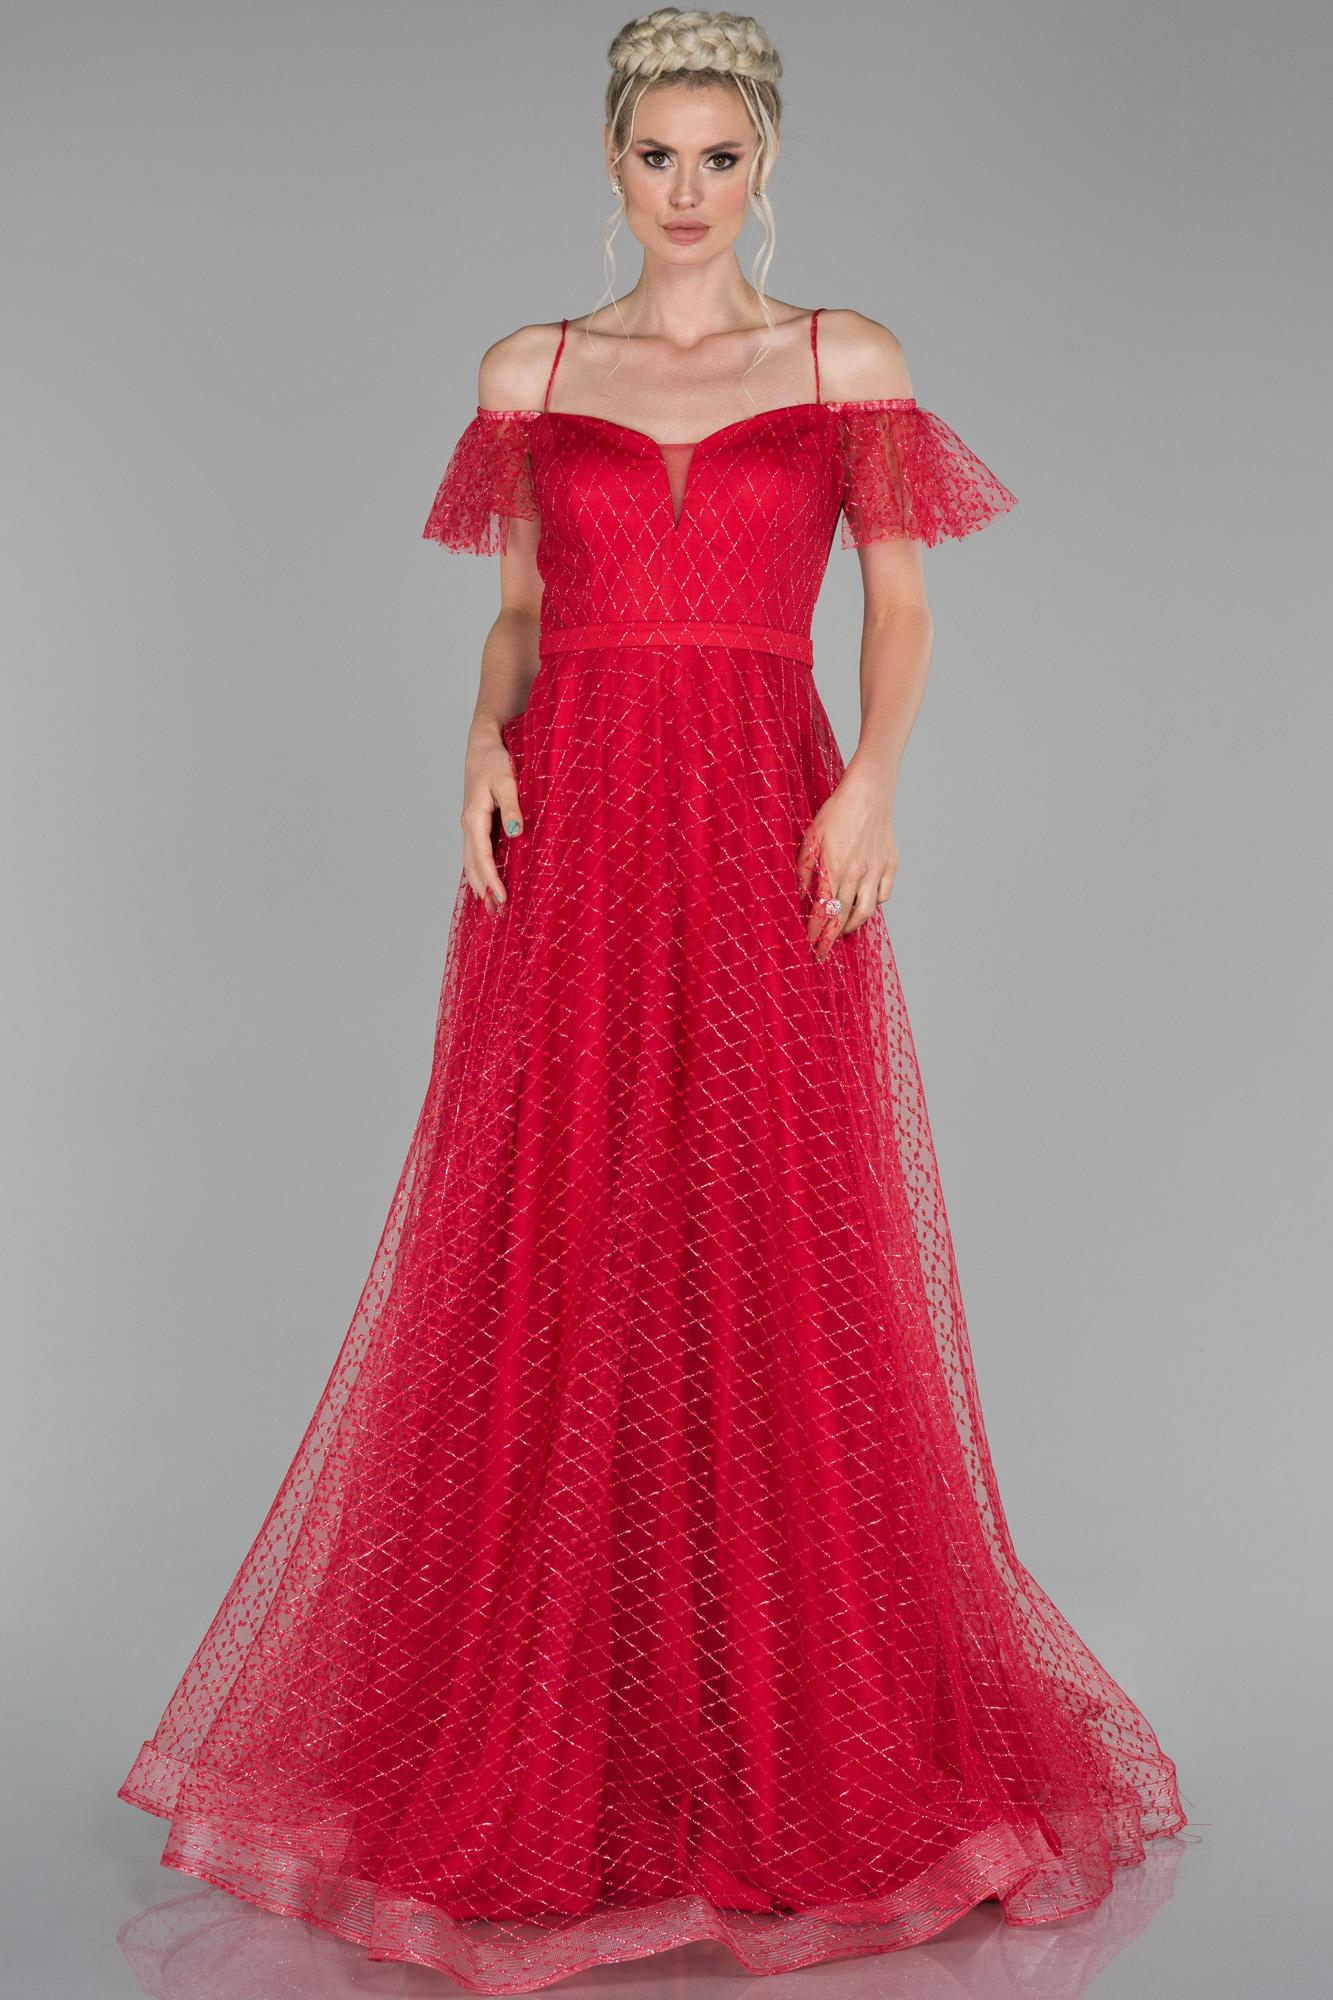 Kırmızı Uzun Ip Askılı Simli Abiye Elbise